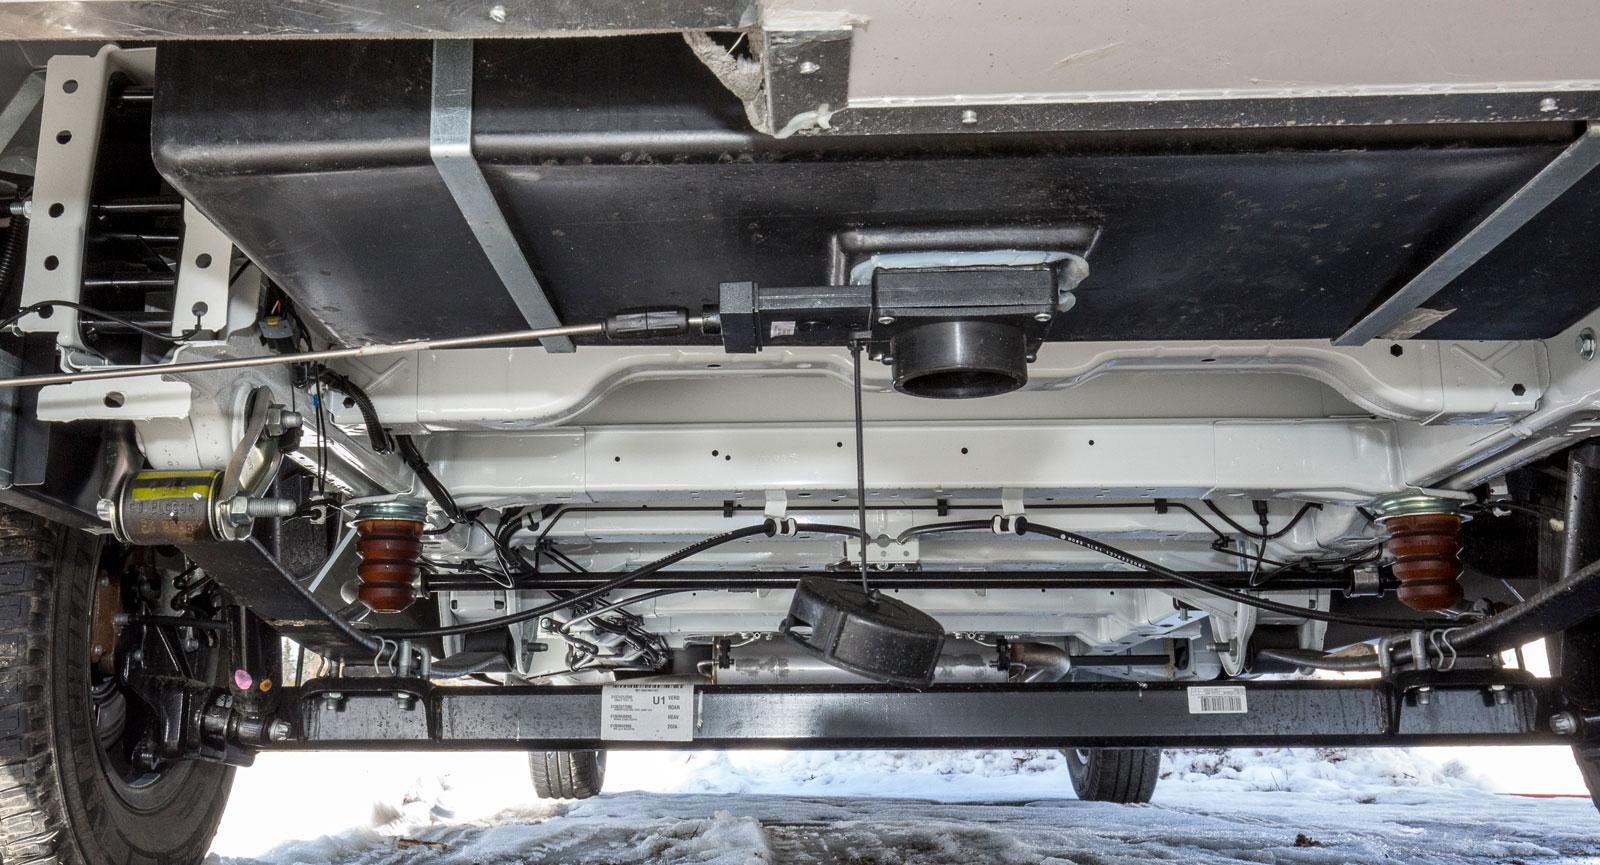 Tömningen av gråvattnet sitter mitt under bilen.